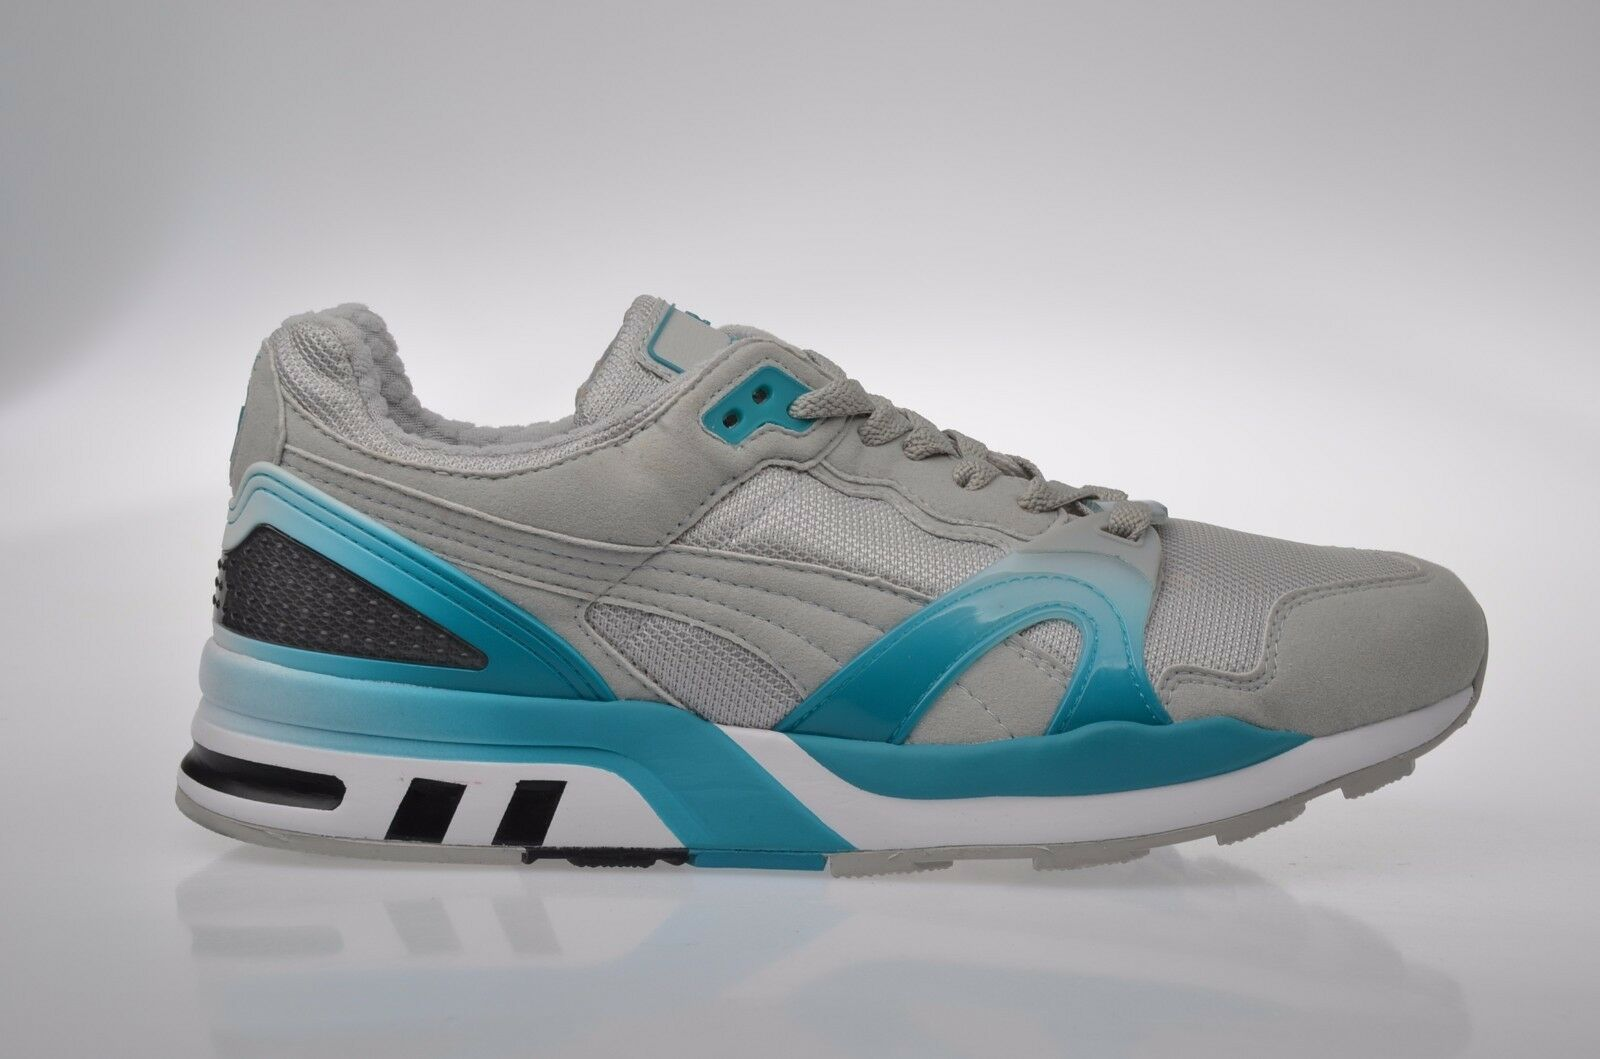 [NEU] Original PUMA XT2 FADE SNEAKER grau 42 blau Schuhe Sample Gr. 42 grau 795dc6